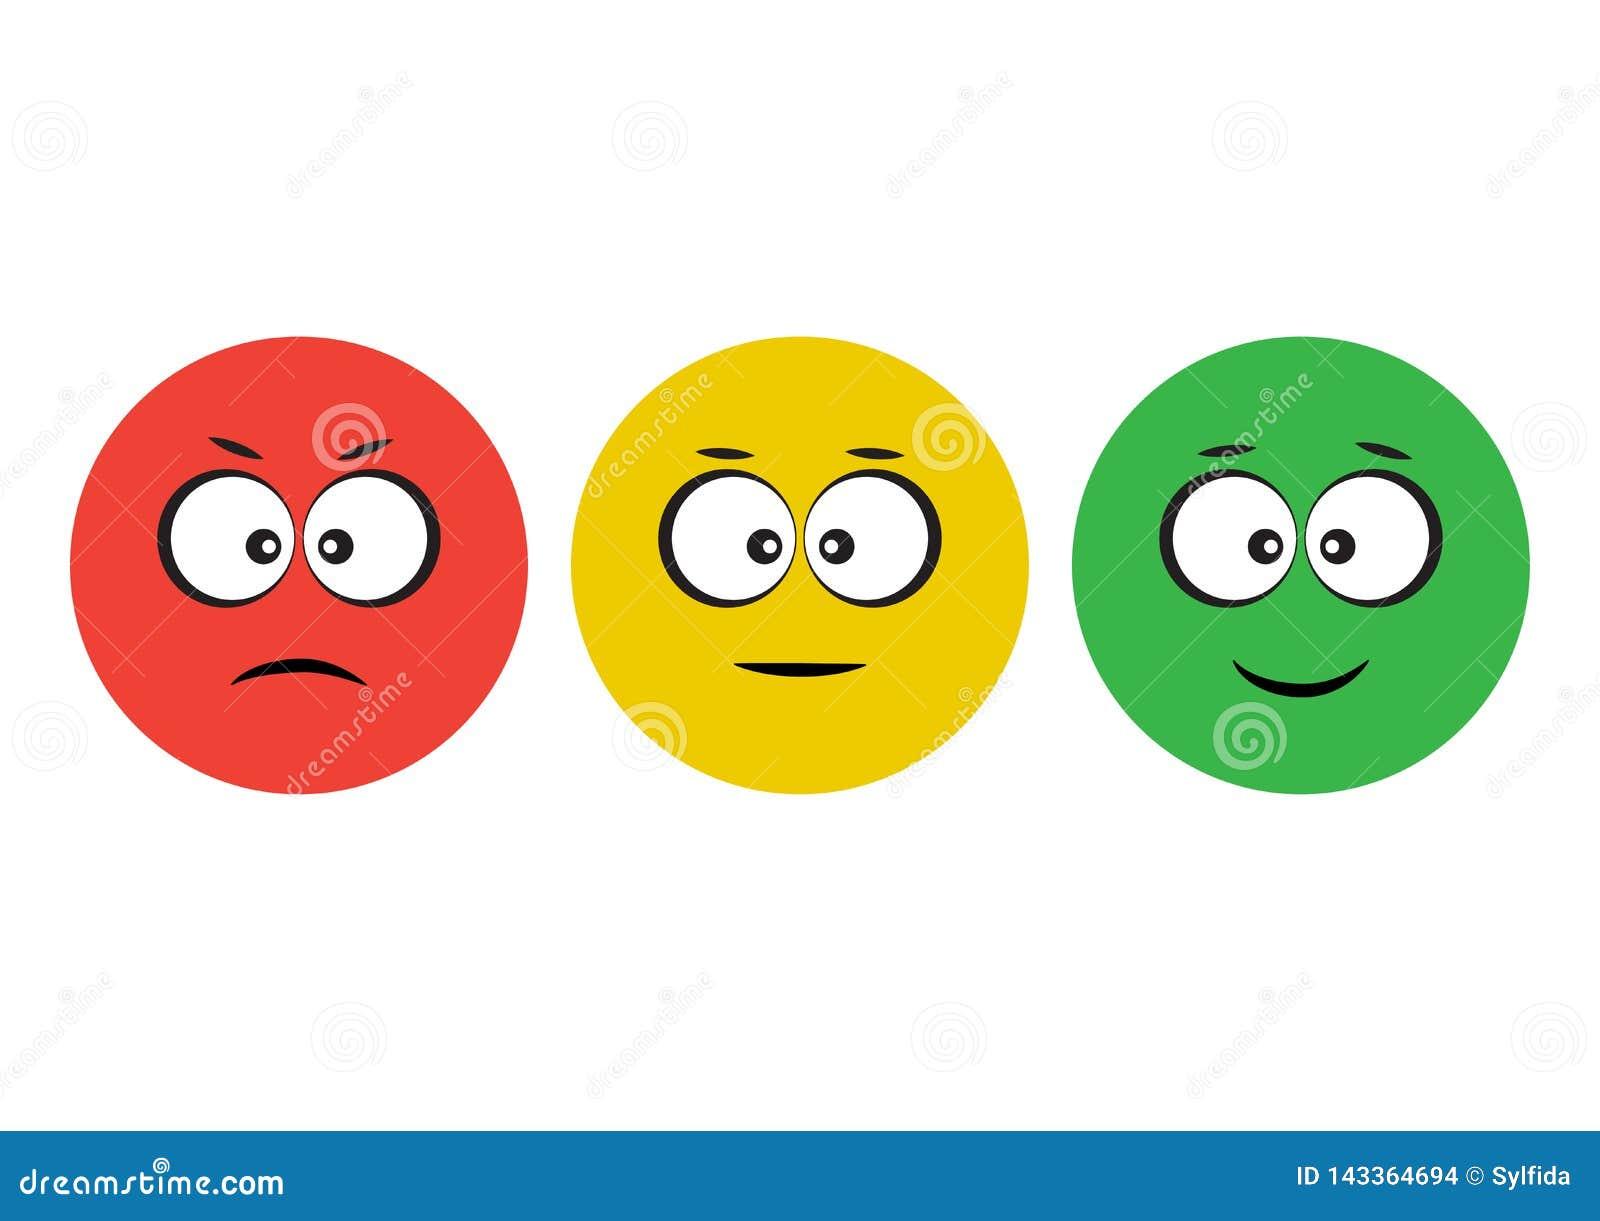 Κόκκινο, κίτρινο, πράσινο εικονίδιο smileys emoticons αρνητικό, ουδέτερο και θετικό χαρακτήρες αστείοι επίσης corel σύρετε το διά